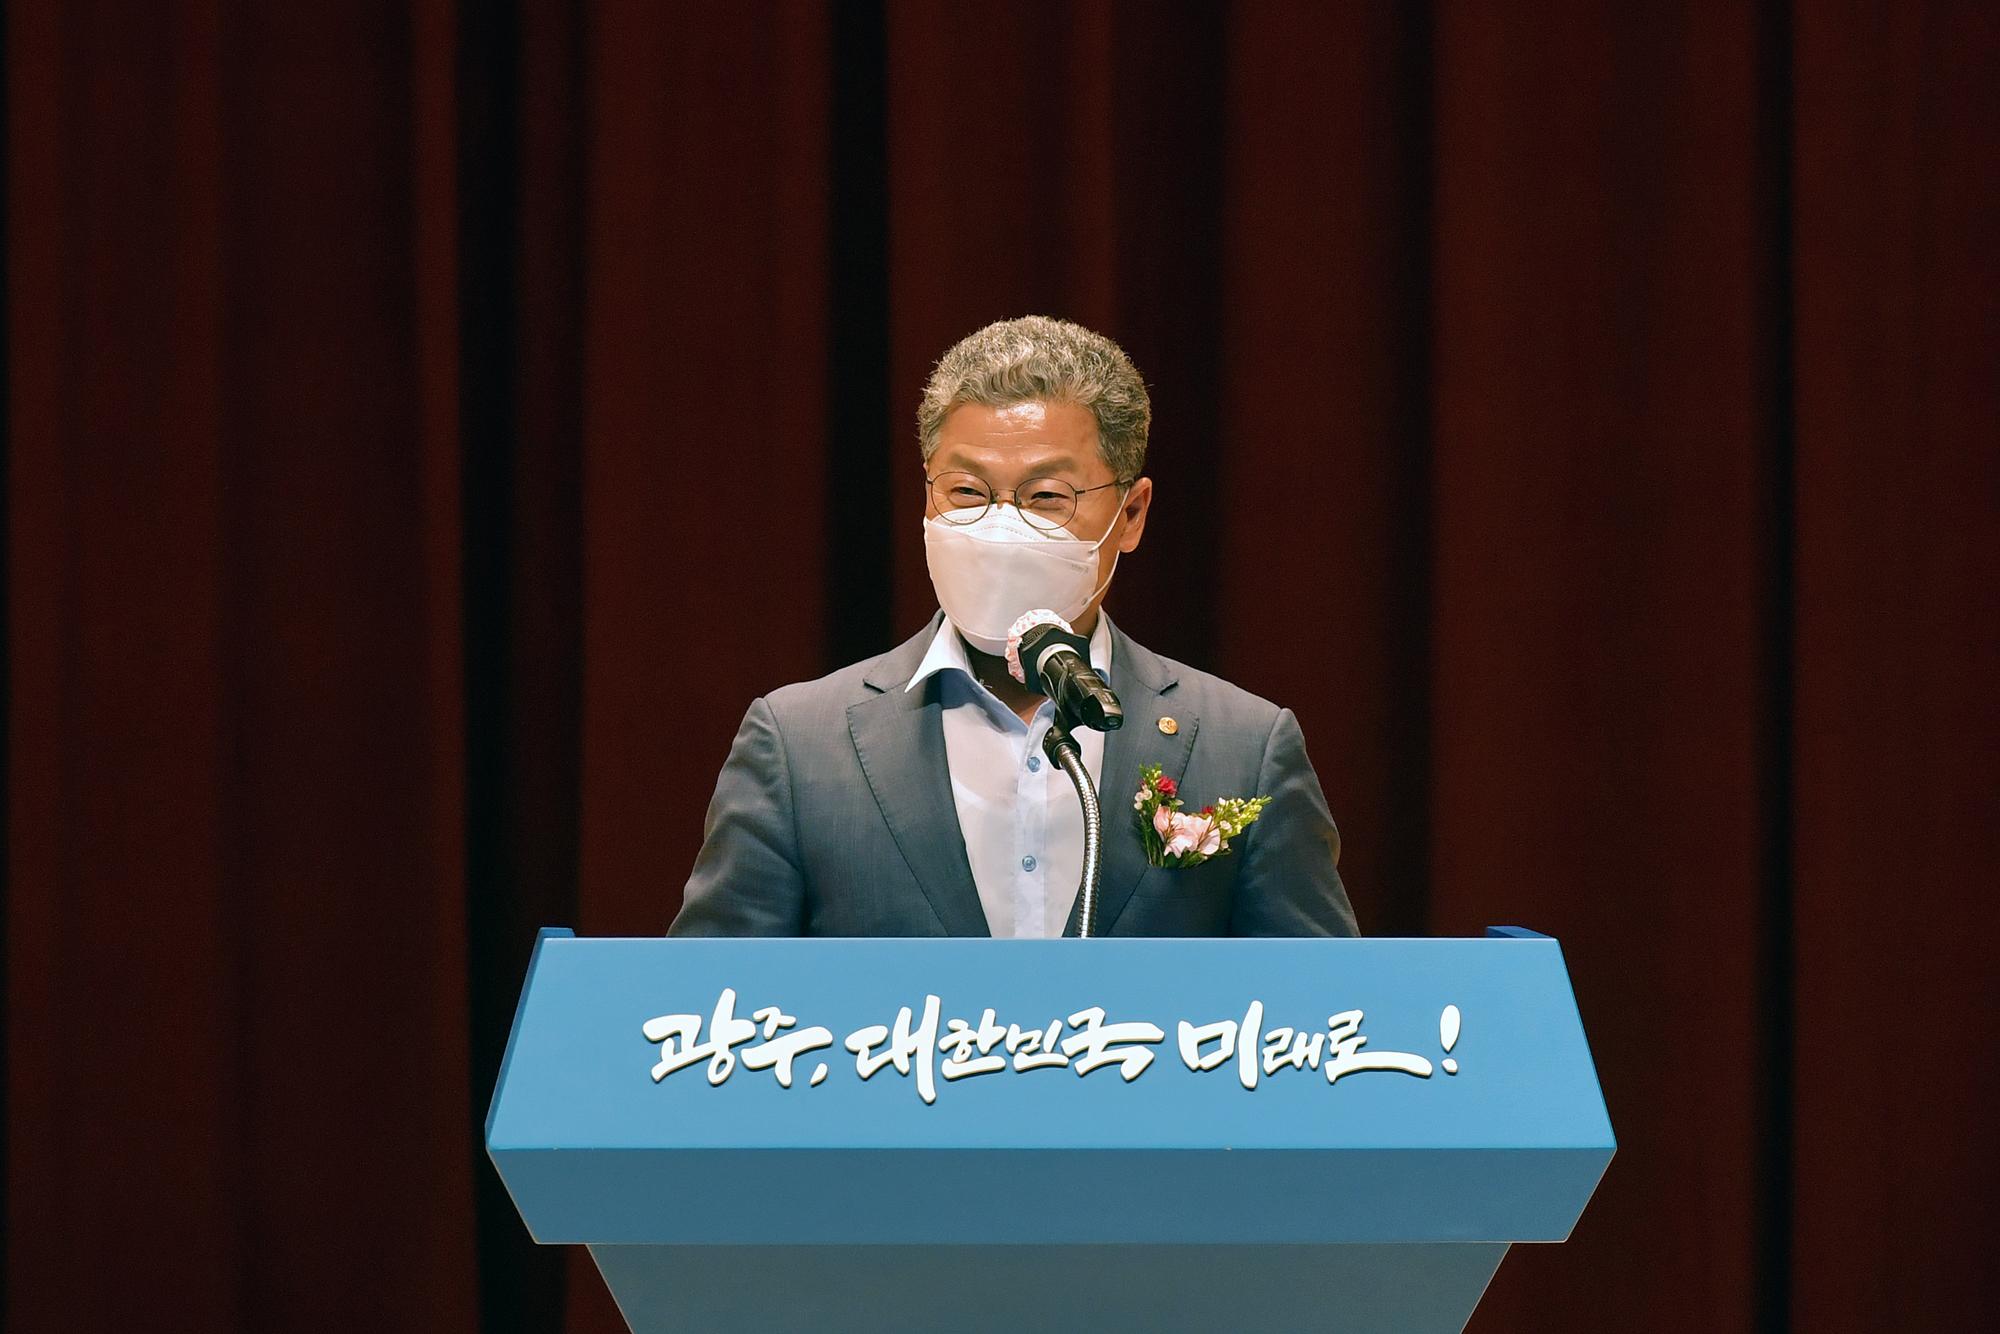 광주광역시 주민자치연합회 출범식